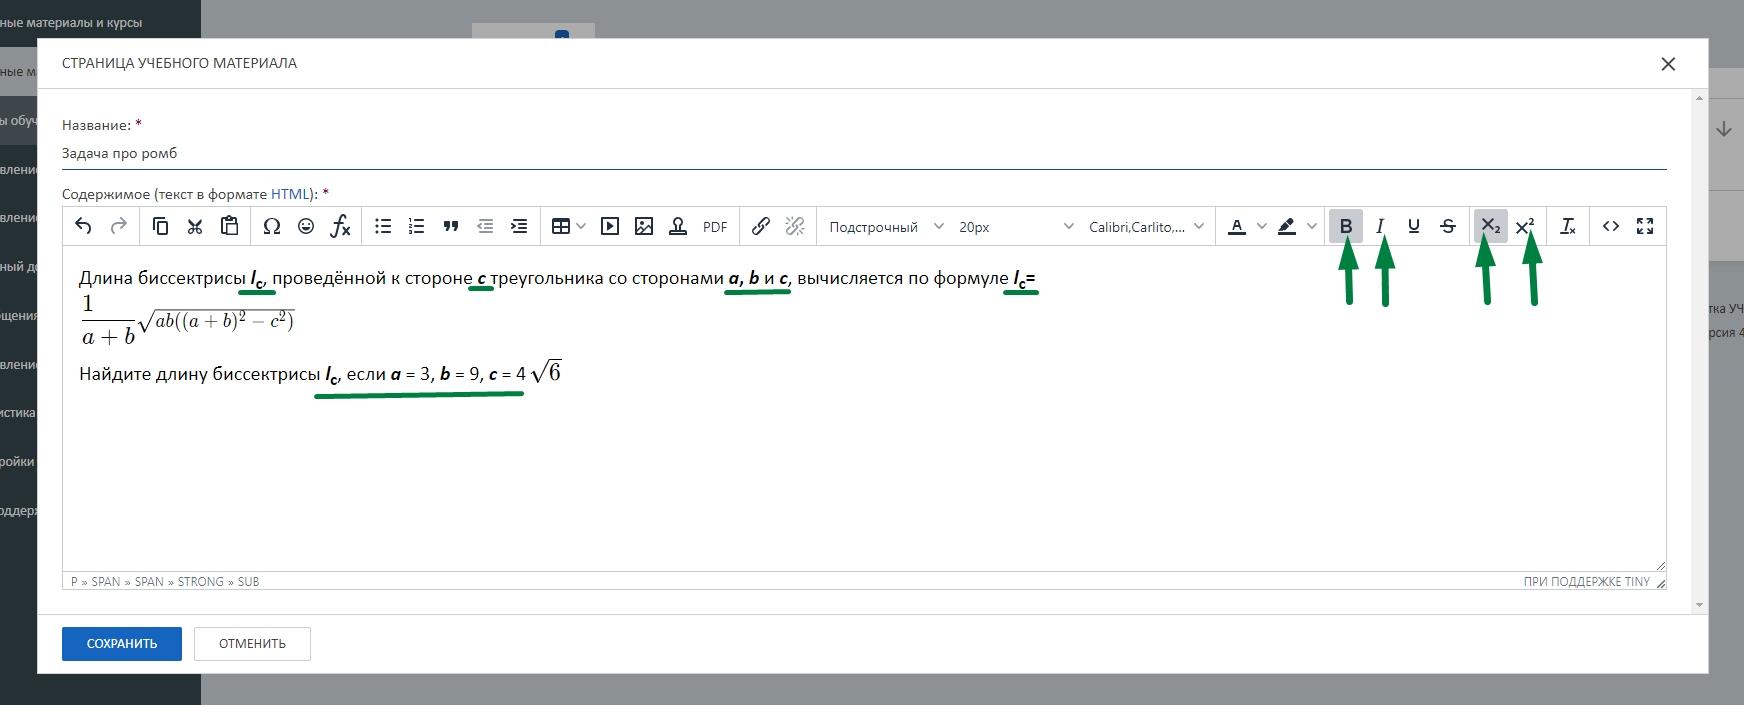 инструменты расширенного редактора